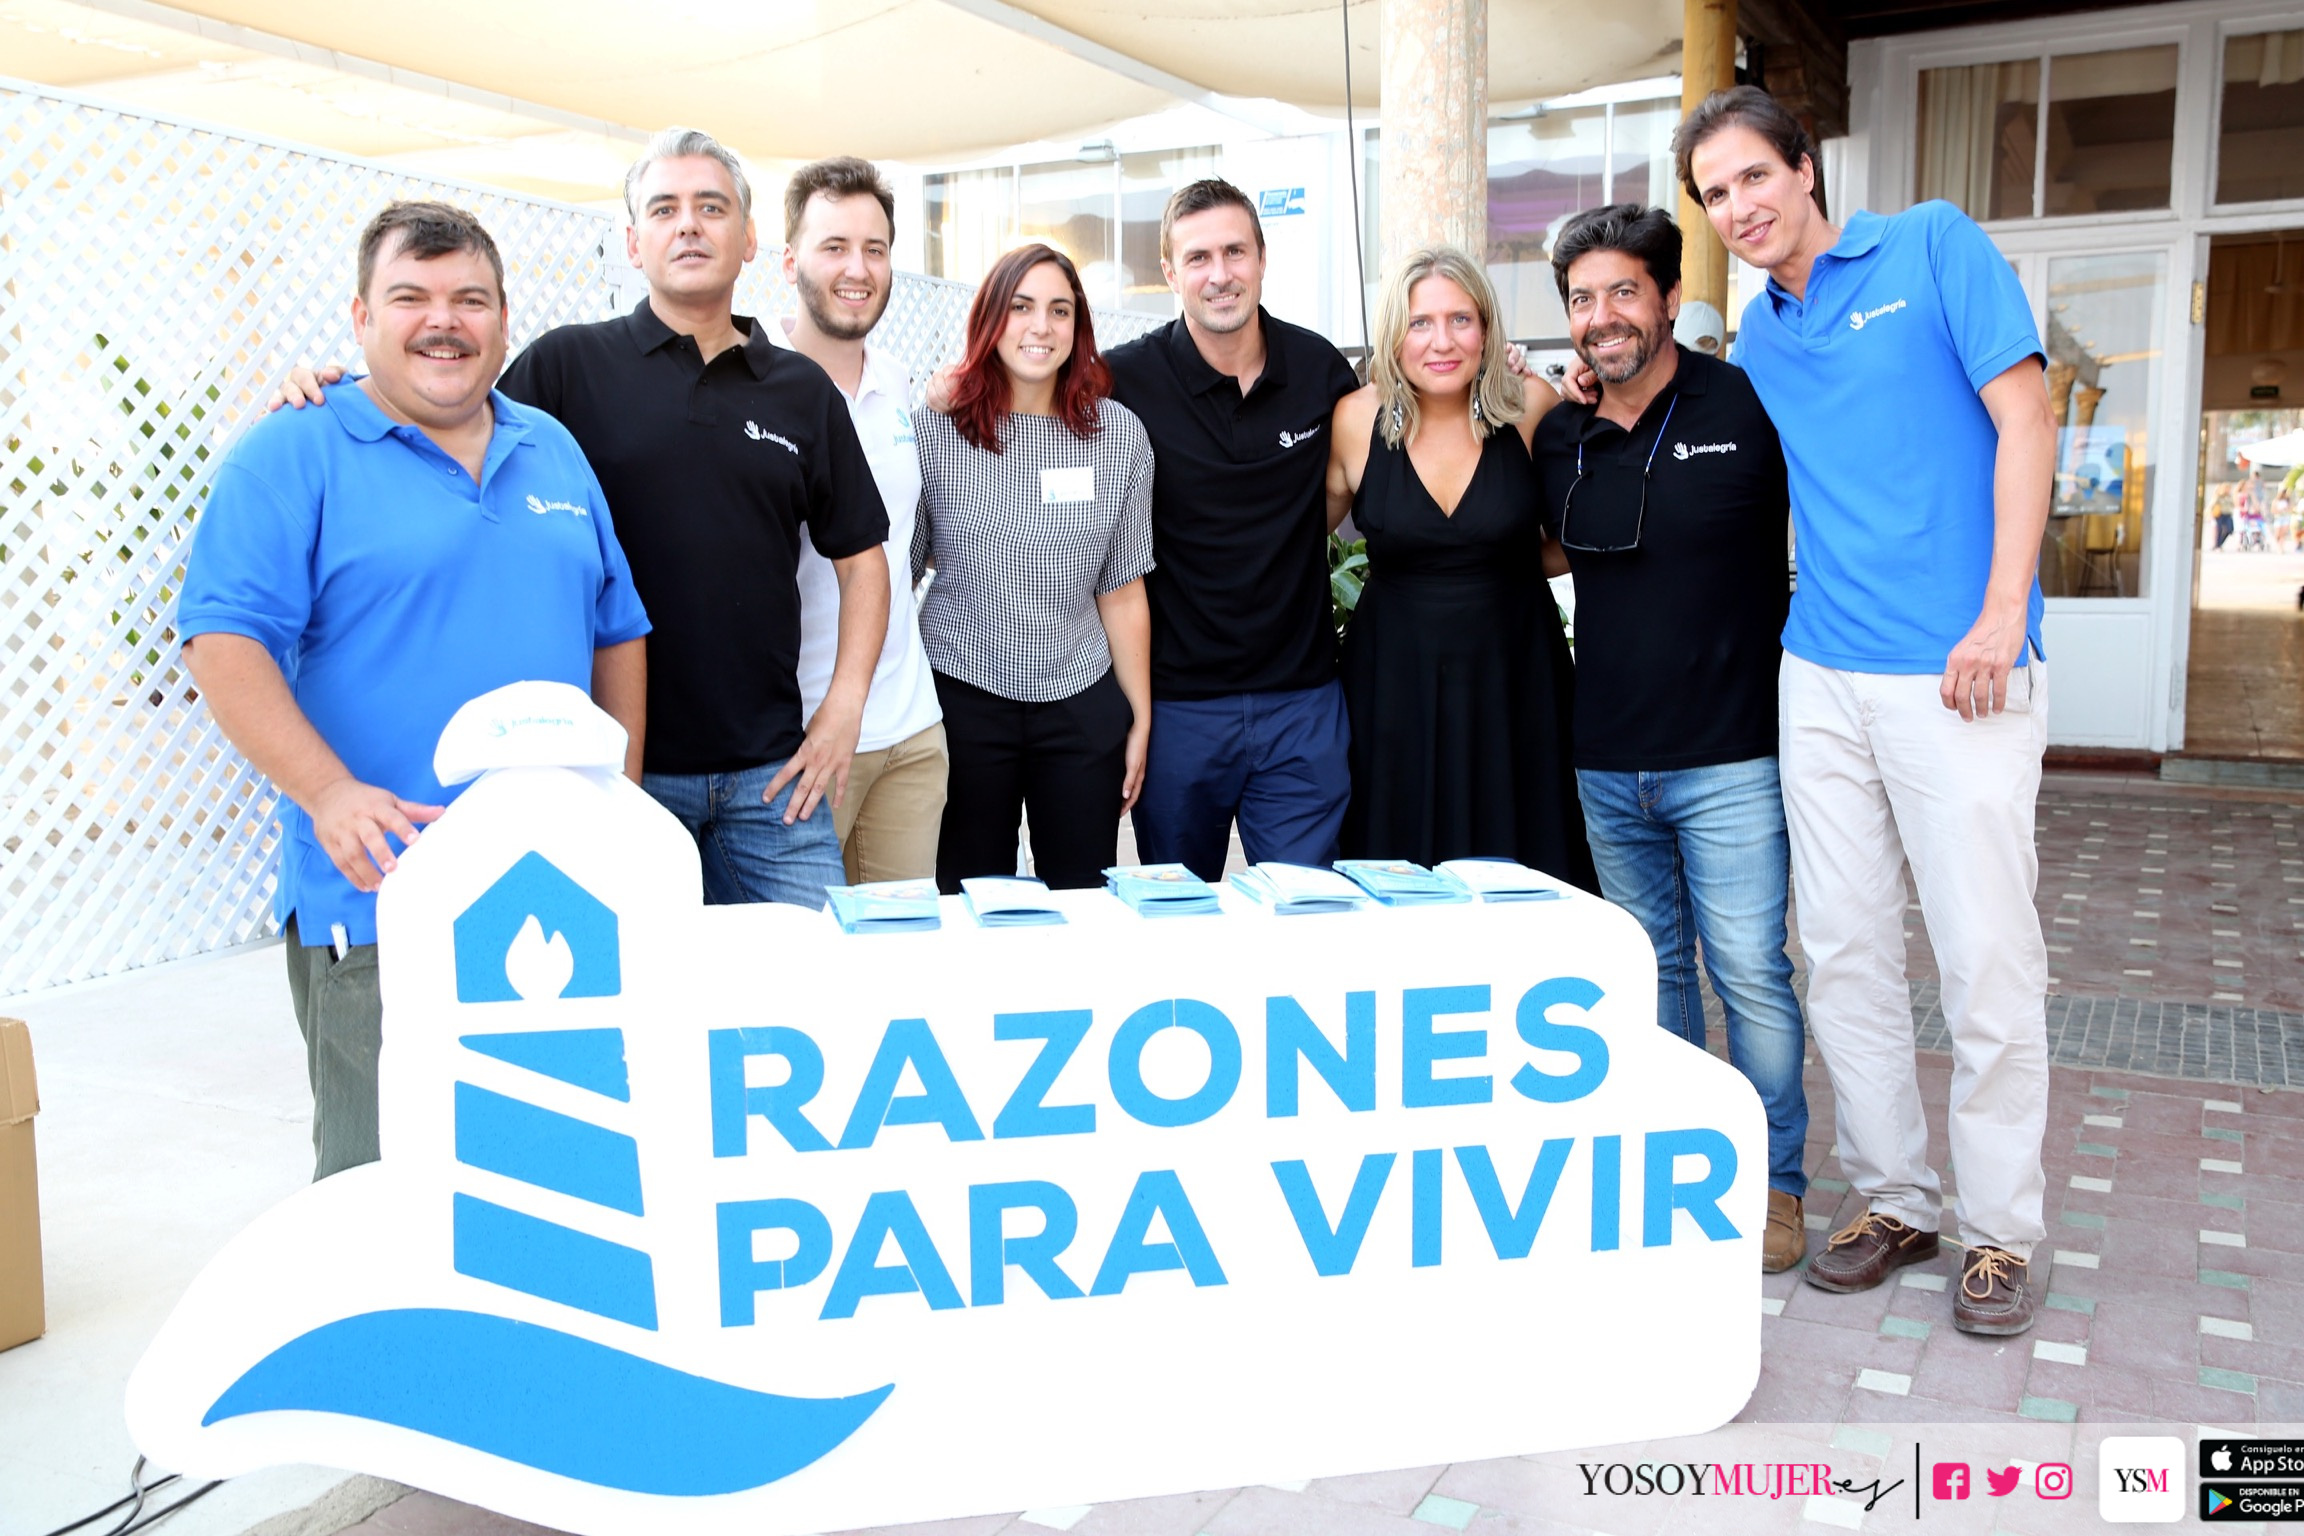 Los organizadores. Fotografía: Enrique González de Gor Sánchez